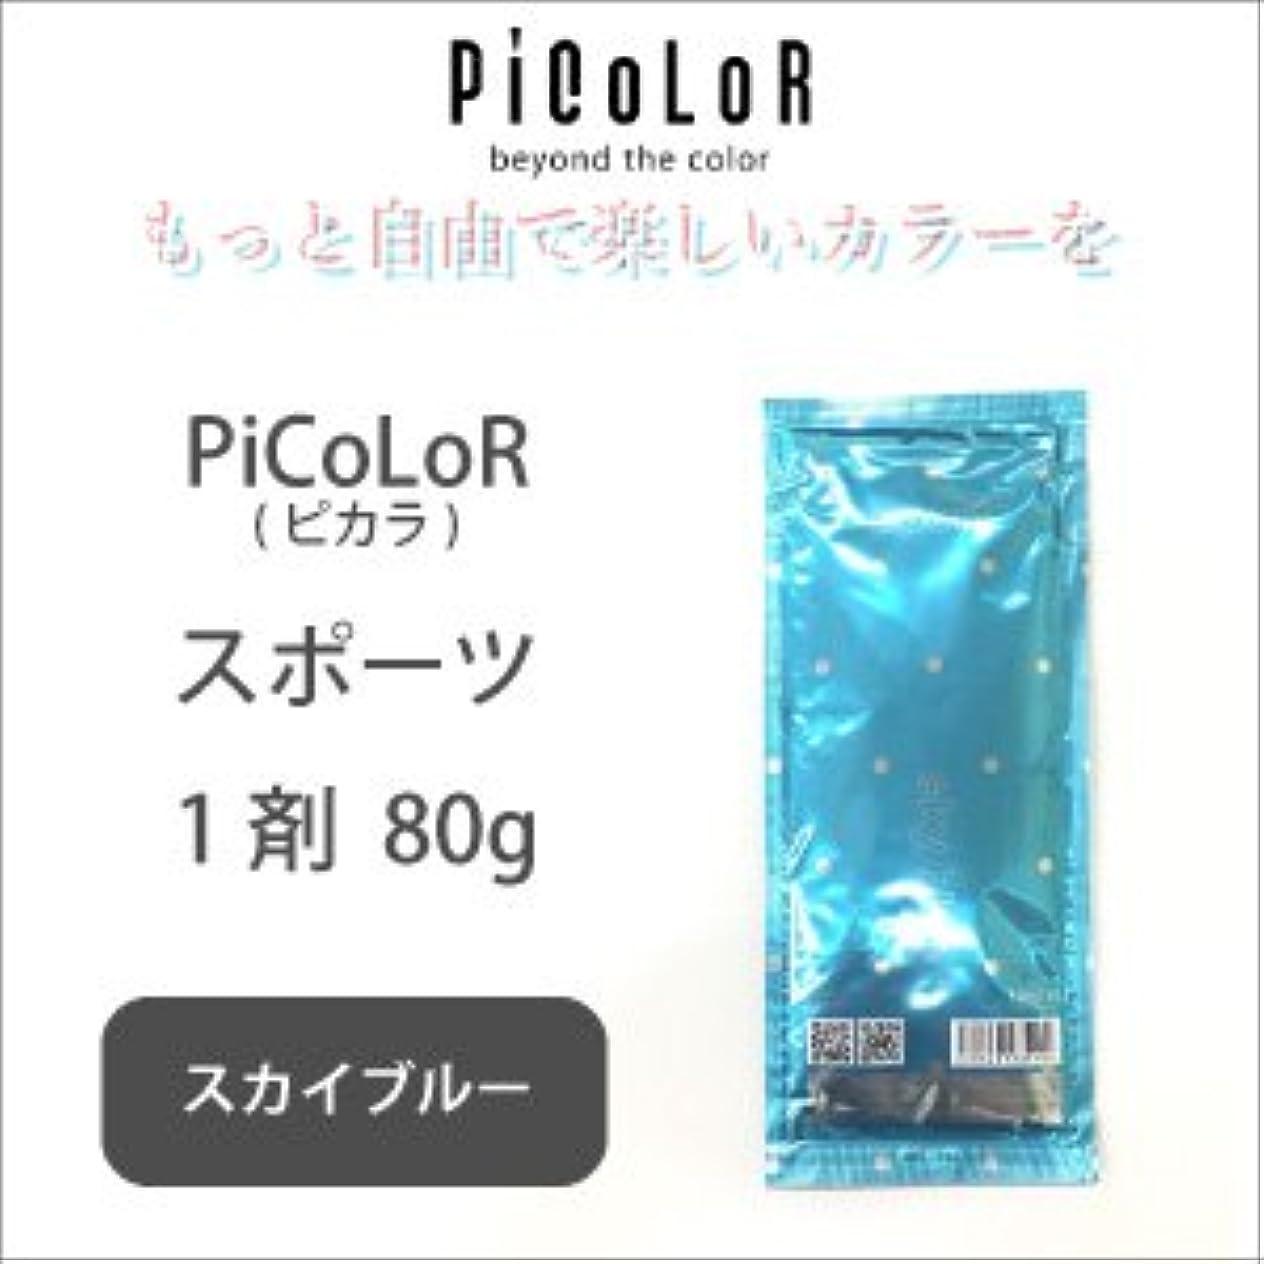 トチの実の木雑草核ムコタ ピカラ ヘアカラー スポーツ スカイブルー 1剤 80g